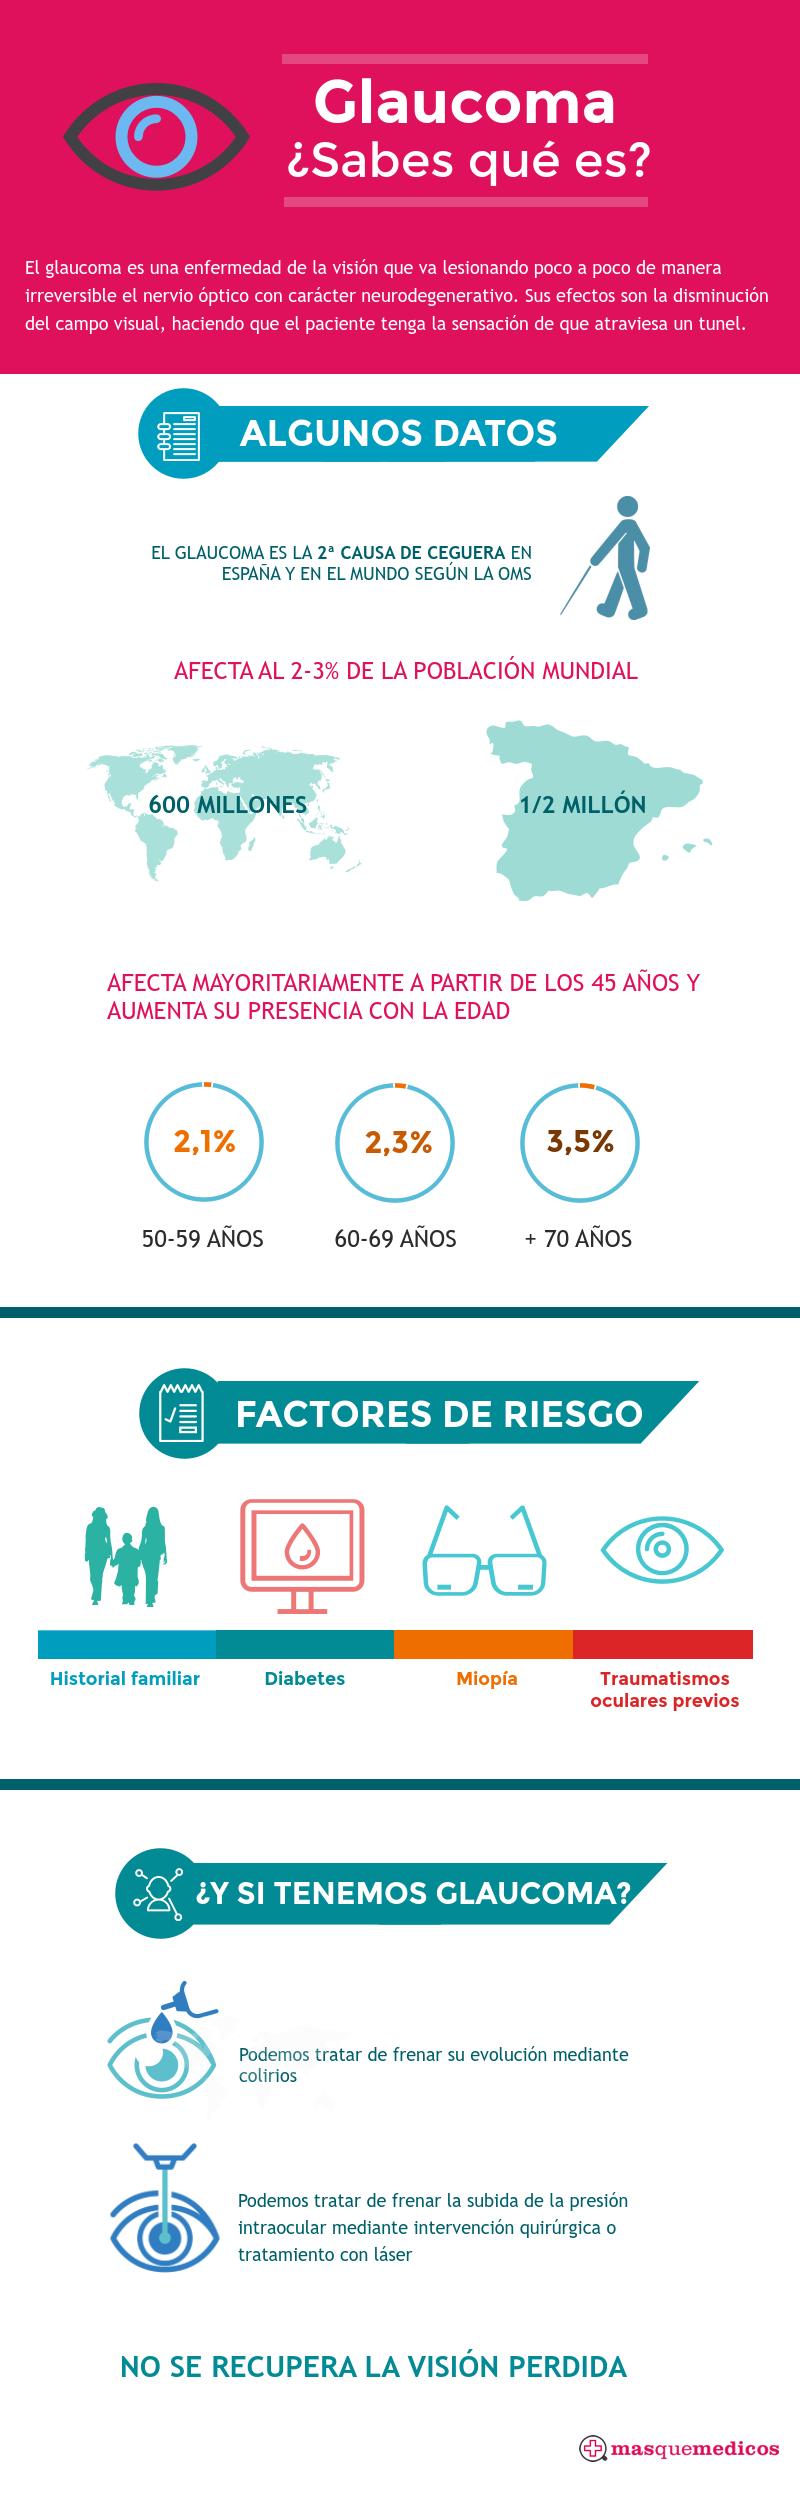 Infografía Glaucoma Masquemedicos